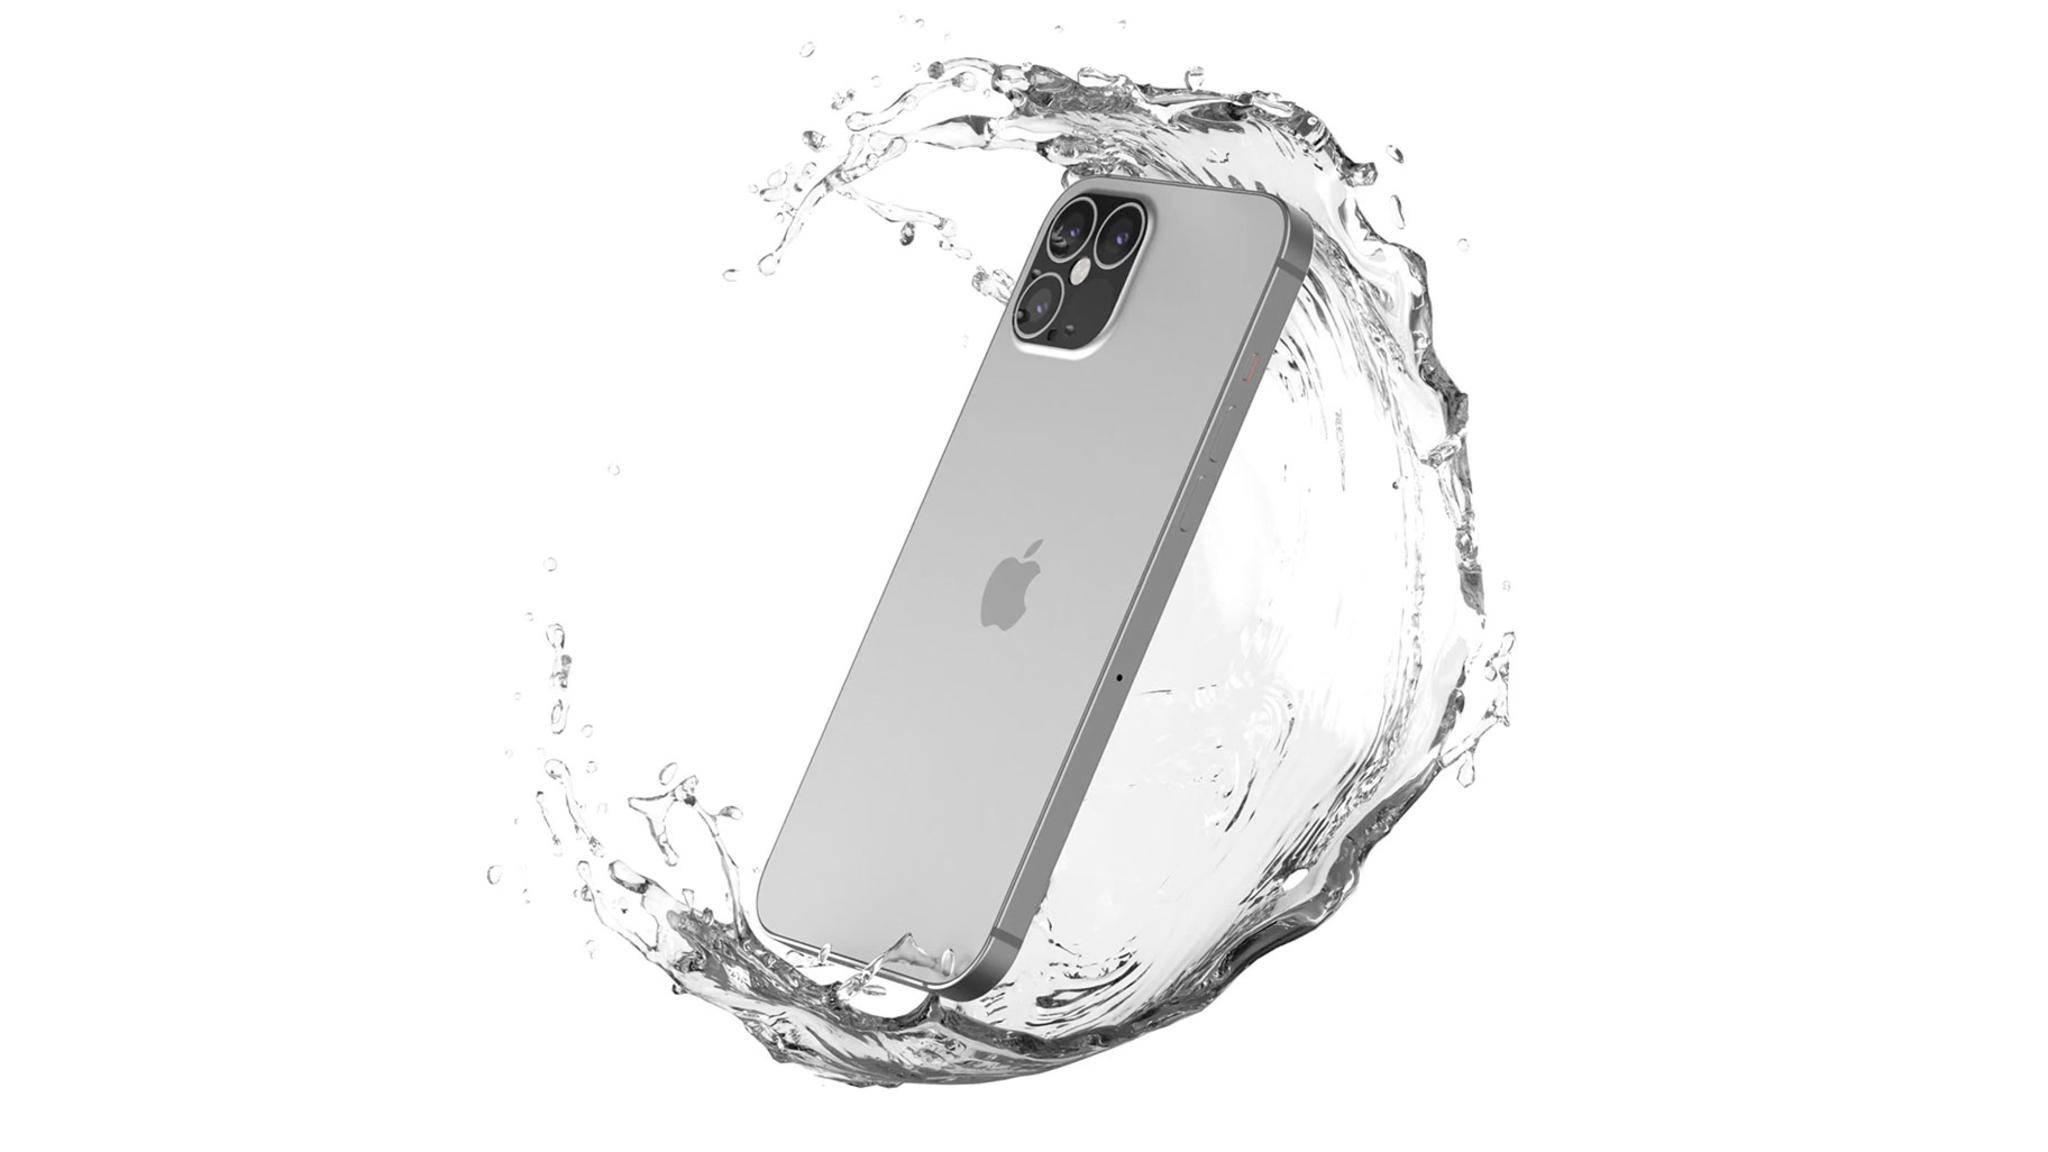 iphone-12-pro-max-leak